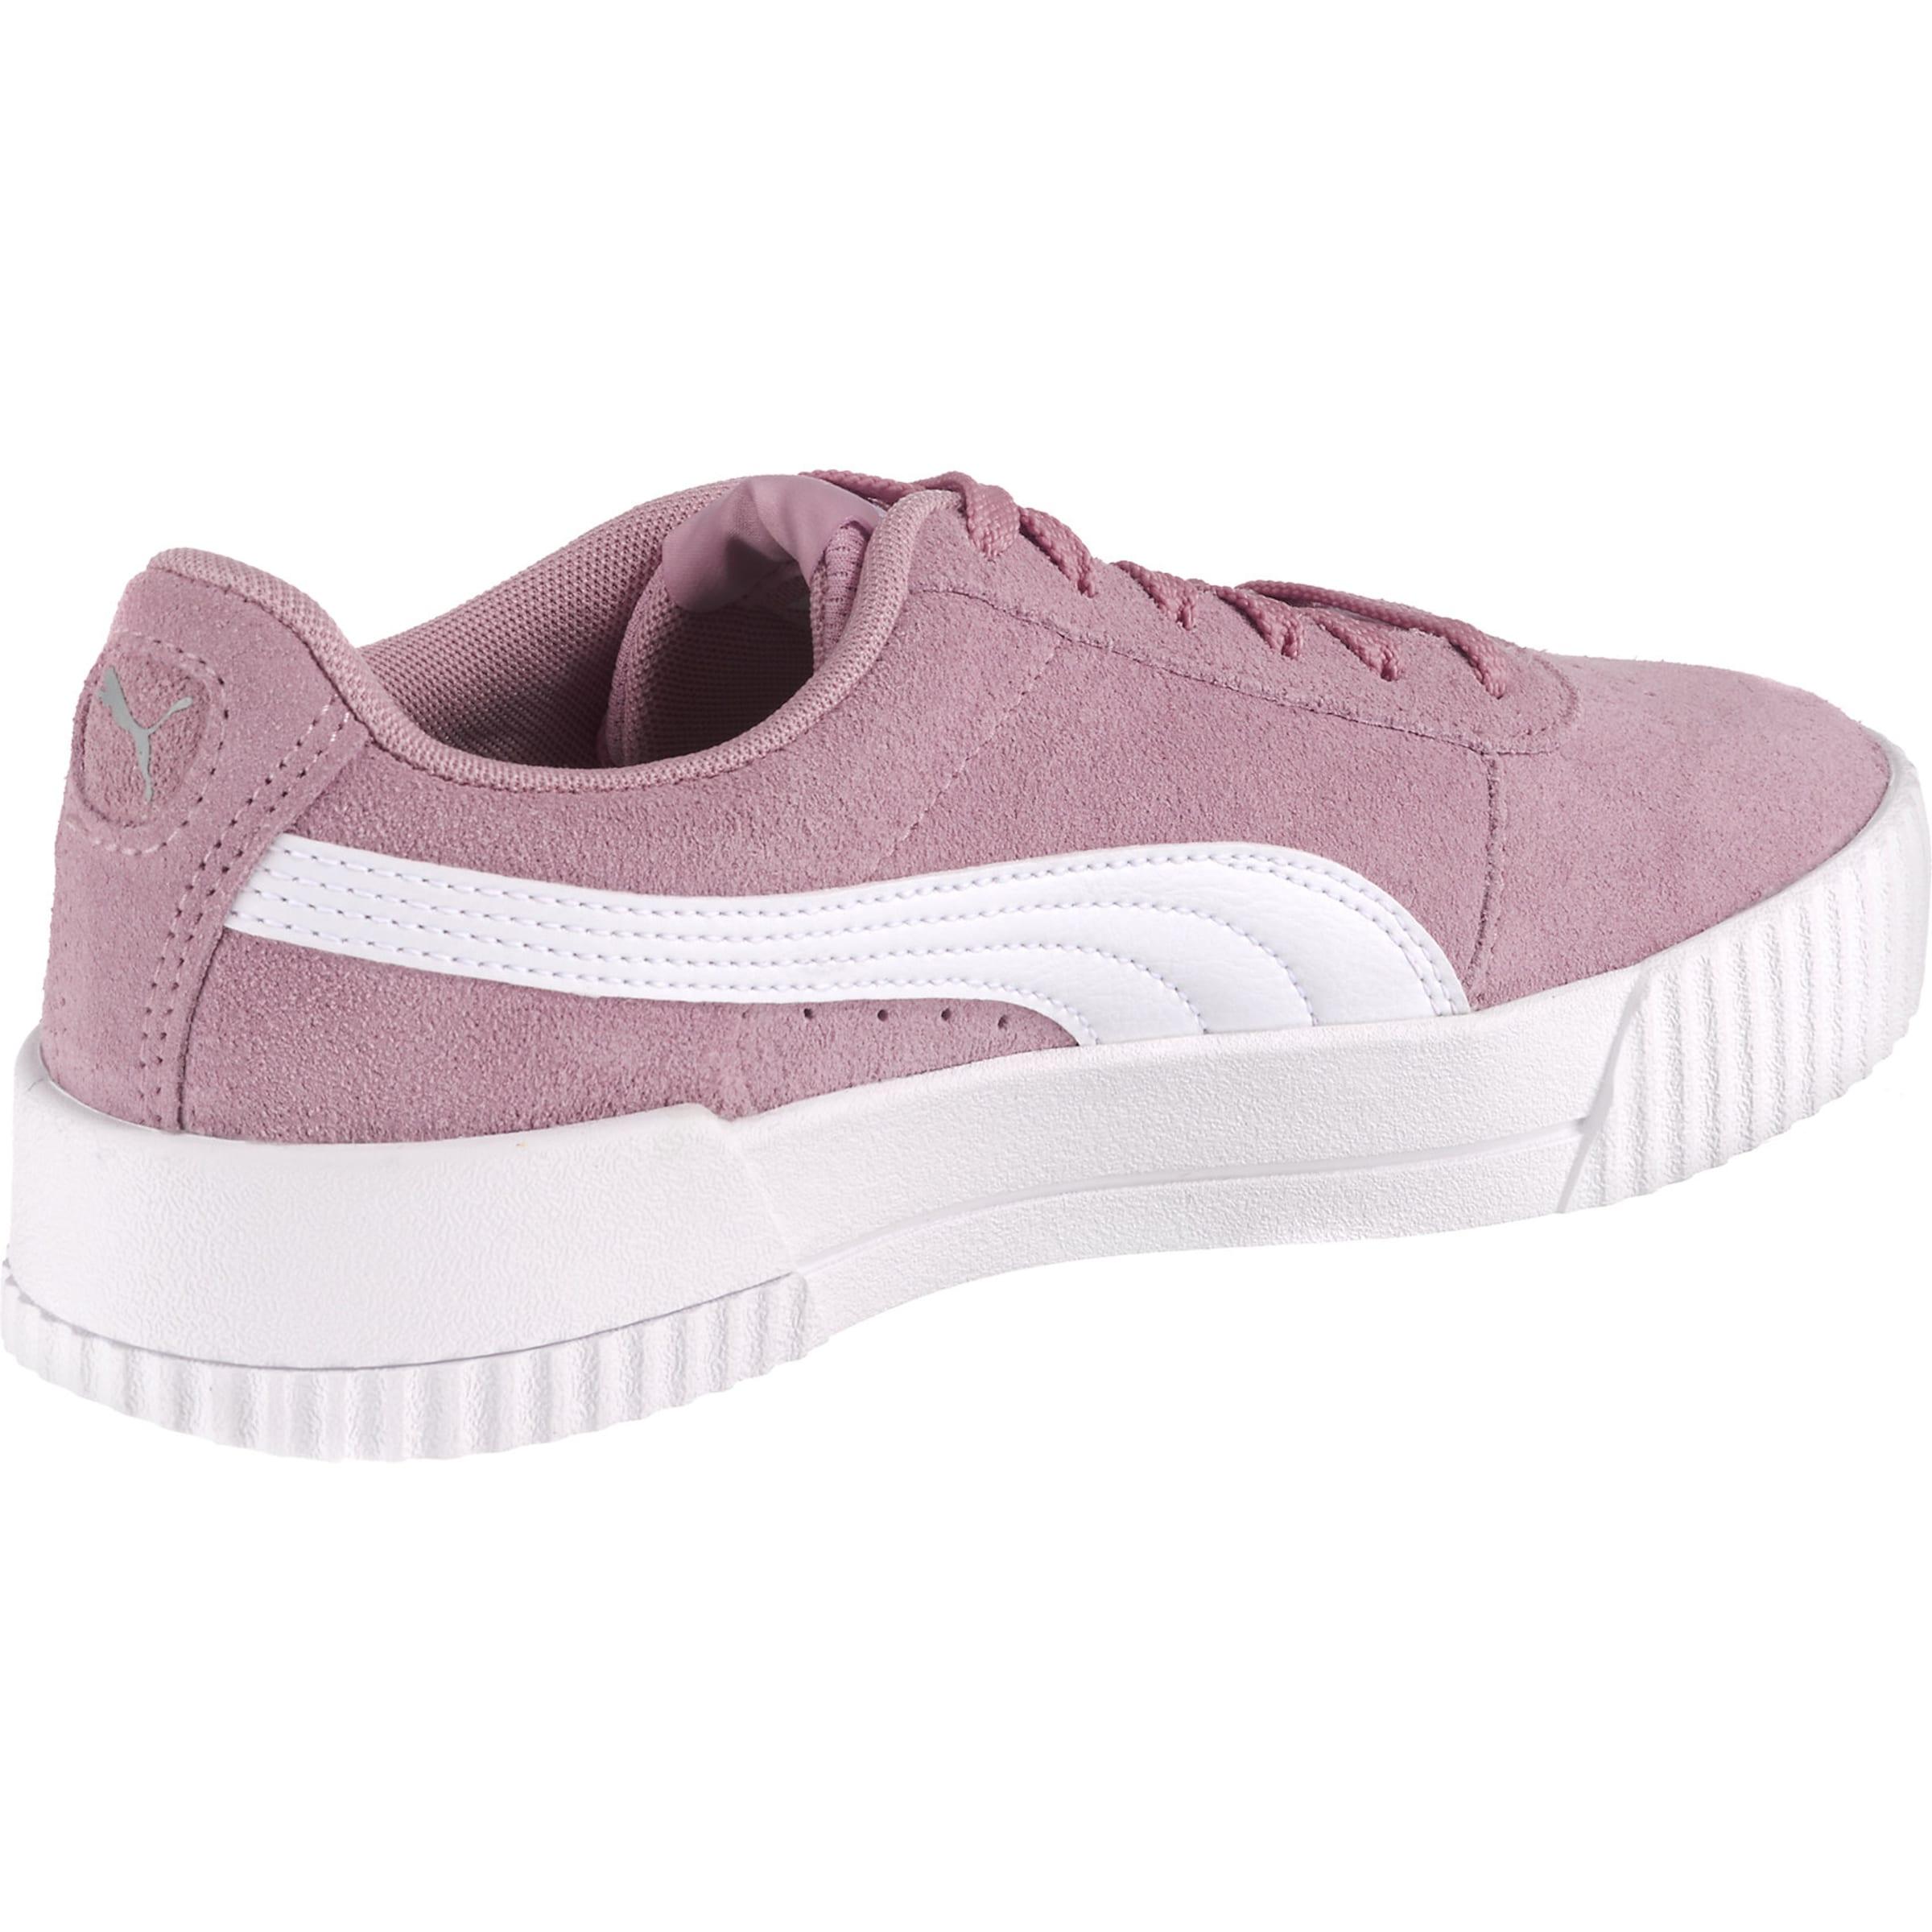 In 'carina' Sneakers 'carina' HelllilaWeiß Sneakers In Puma Sneakers Puma HelllilaWeiß Puma 'carina' EDW29HI